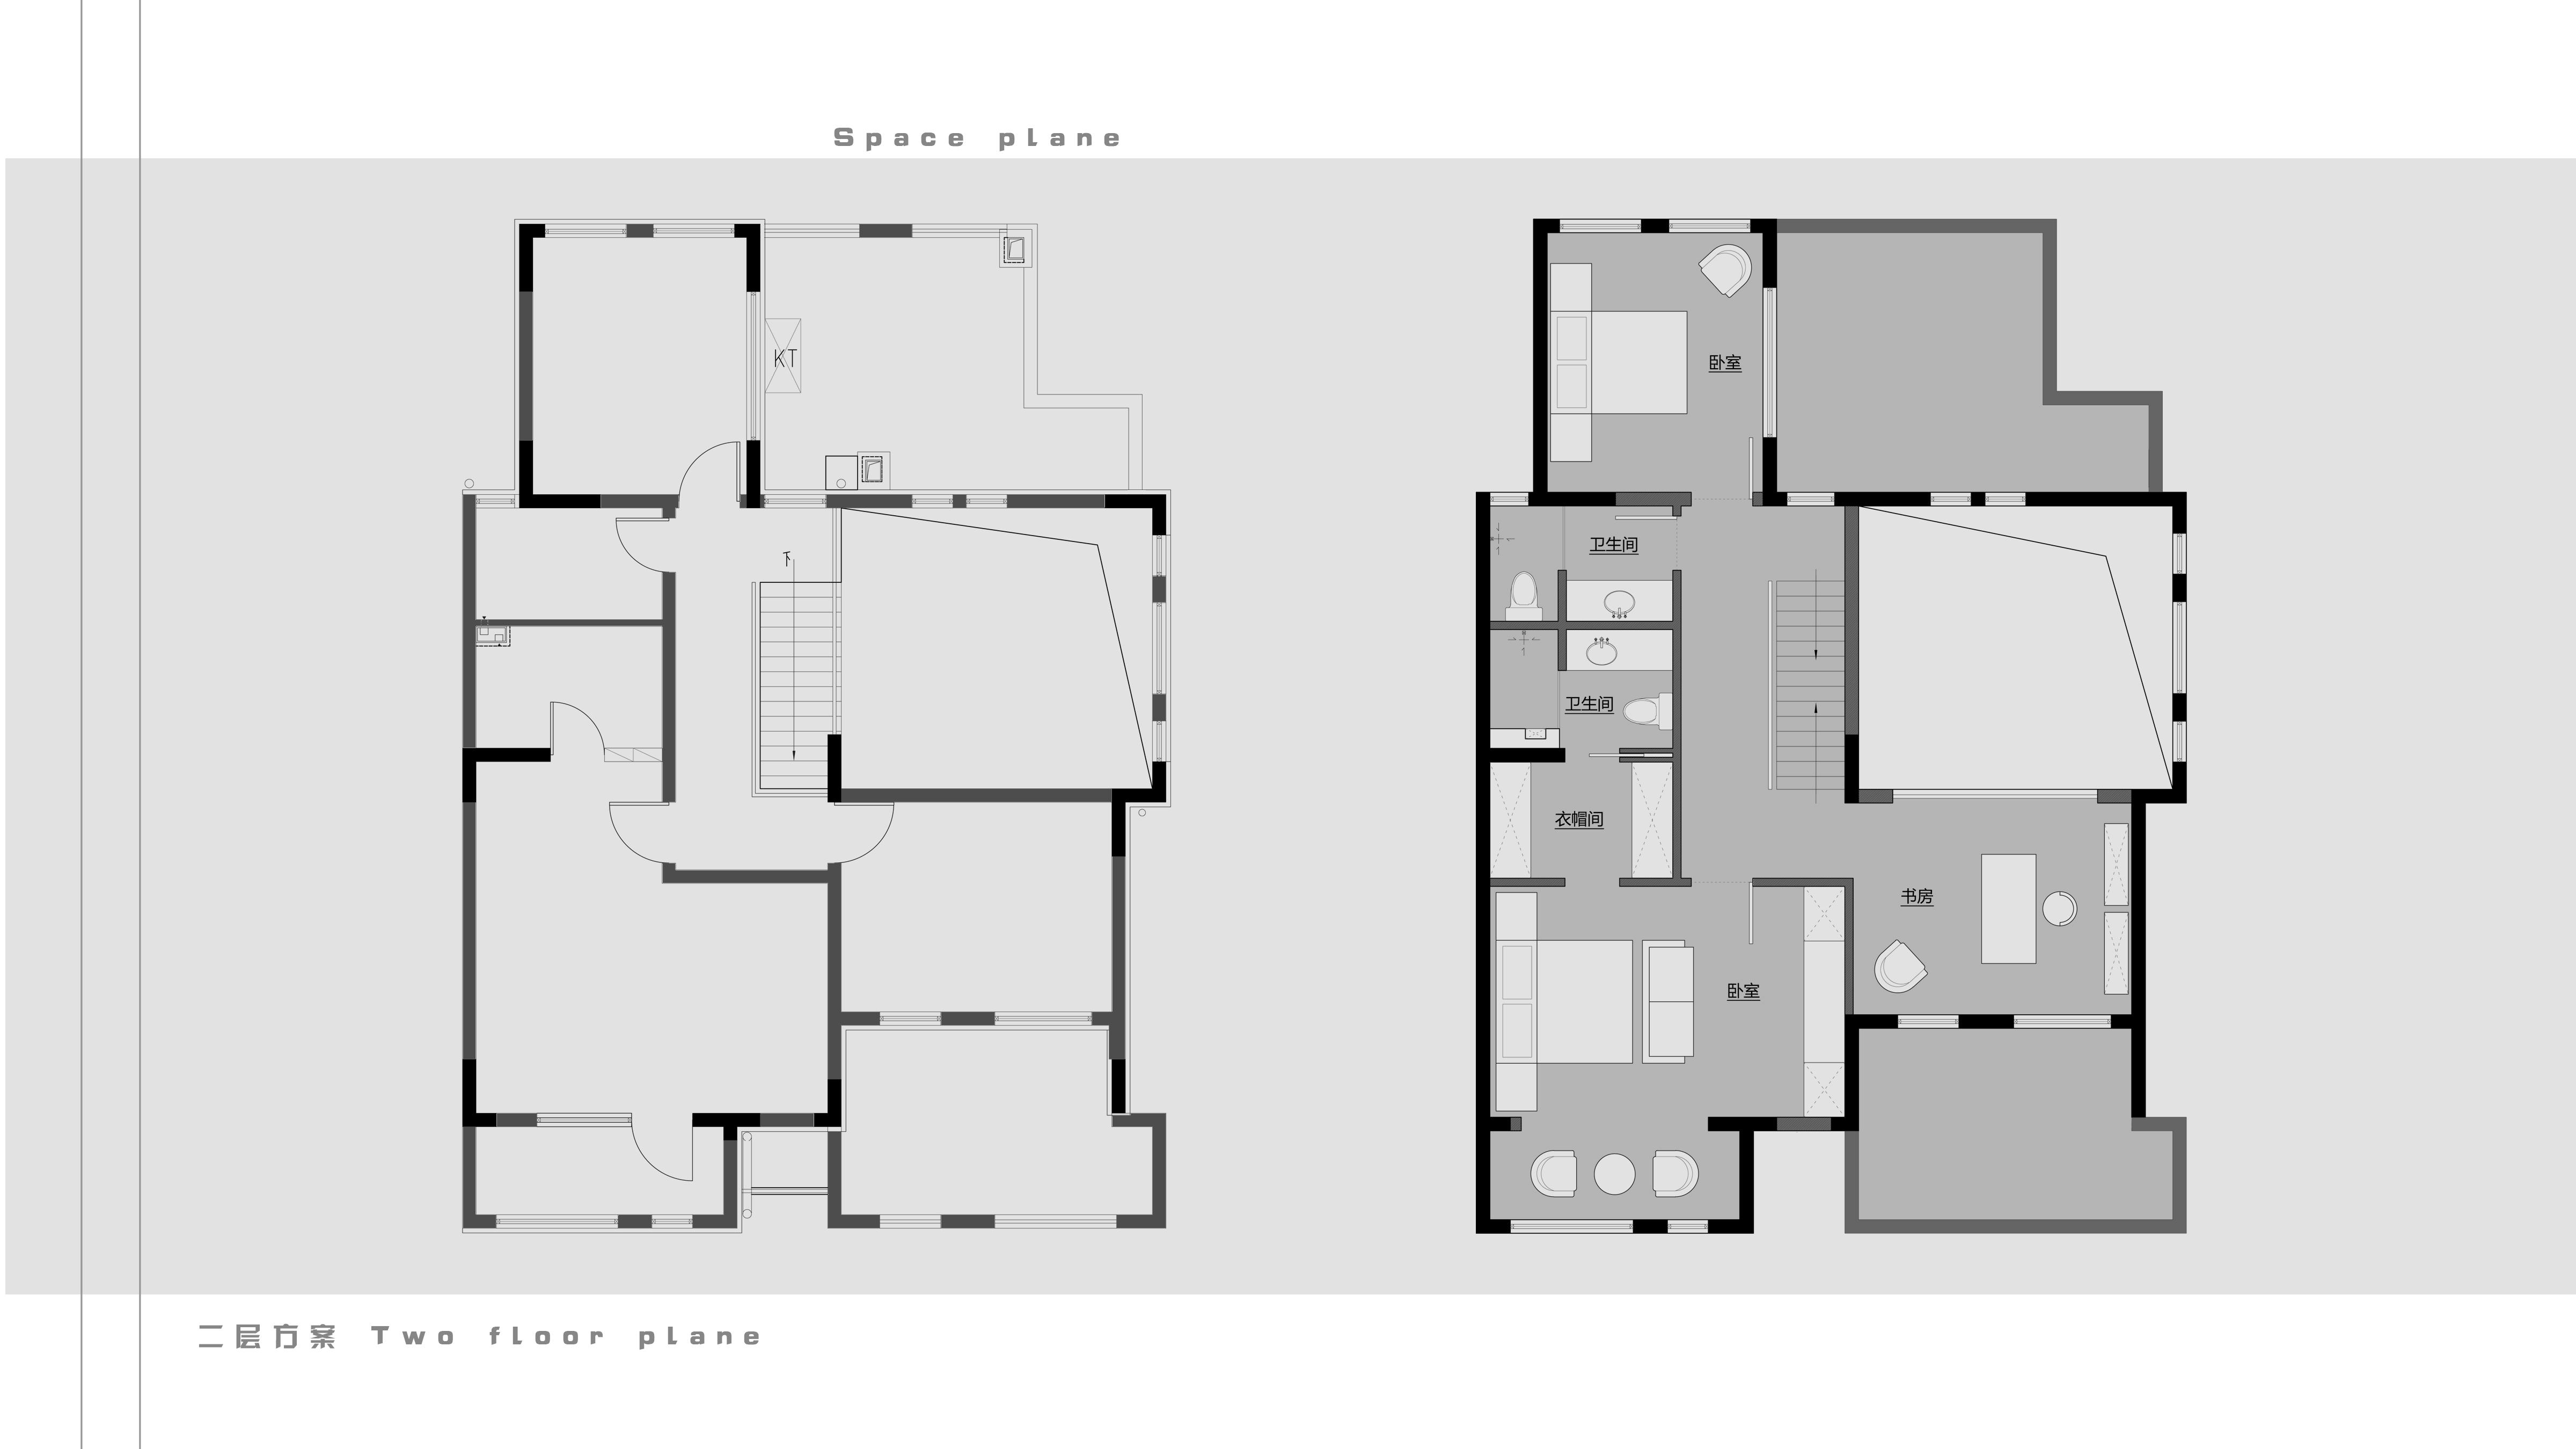 海棠公社-新中式-180平米装修设计理念